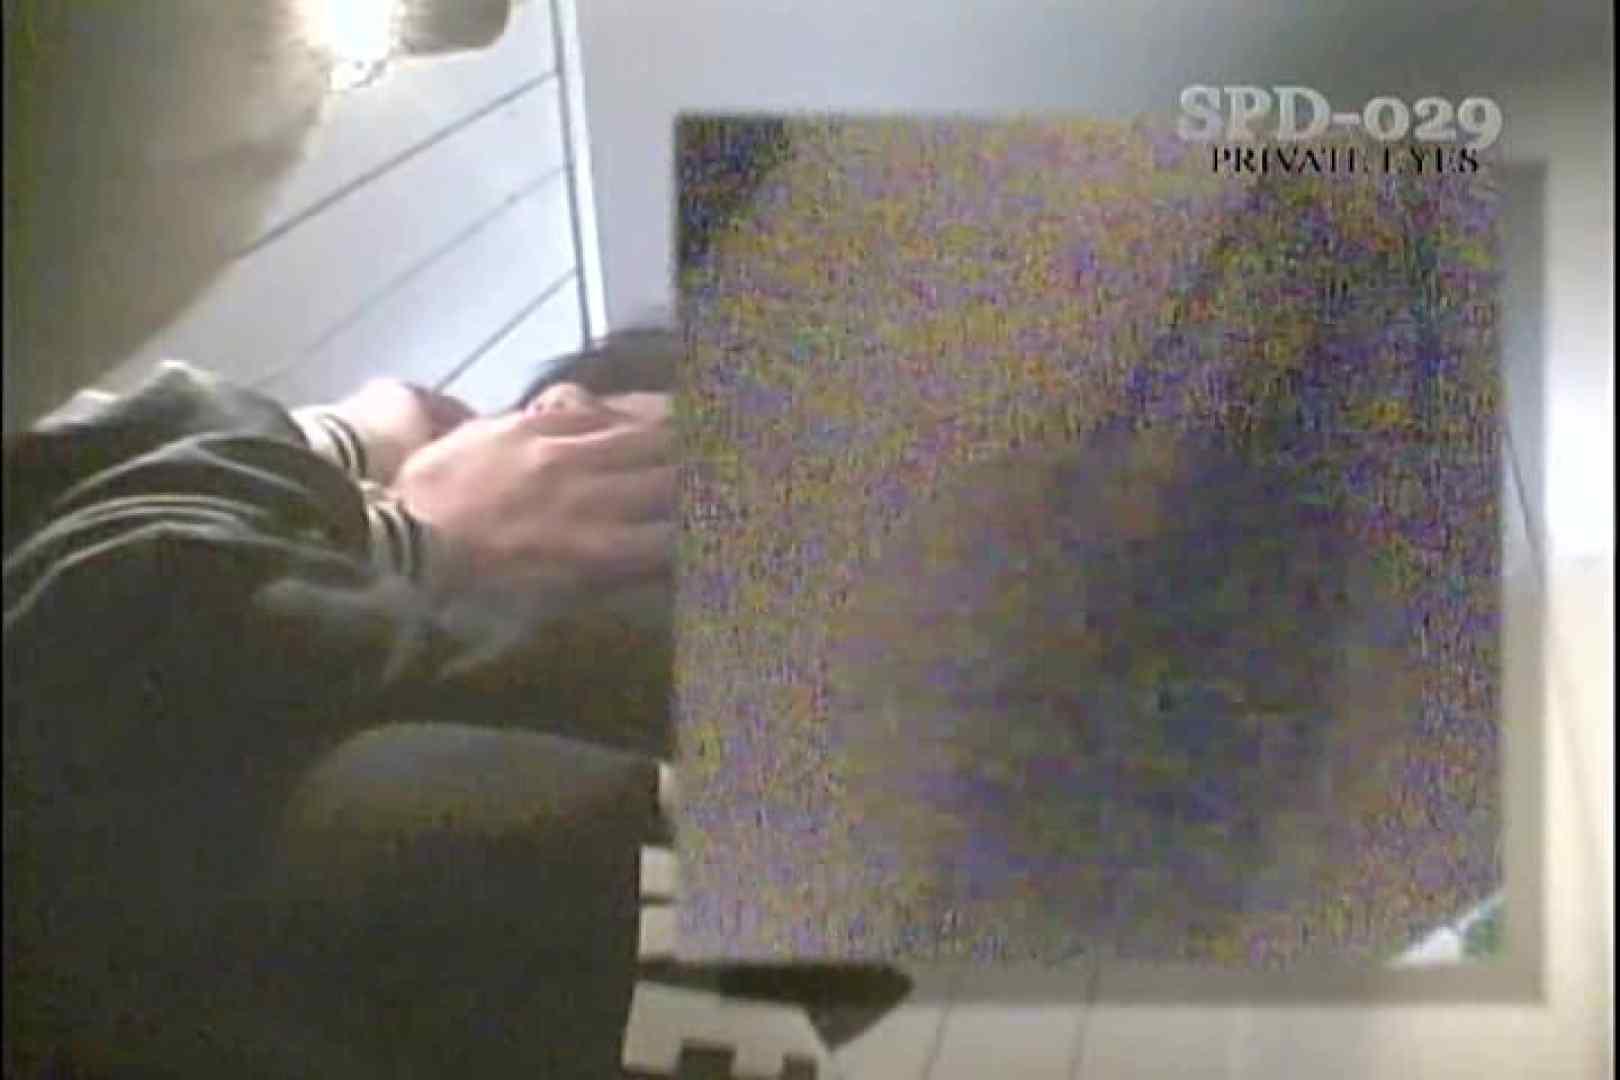 高画質版!SPD-029 和式厠 モリモリスペシャル プライベート 盗み撮りSEX無修正画像 86画像 48